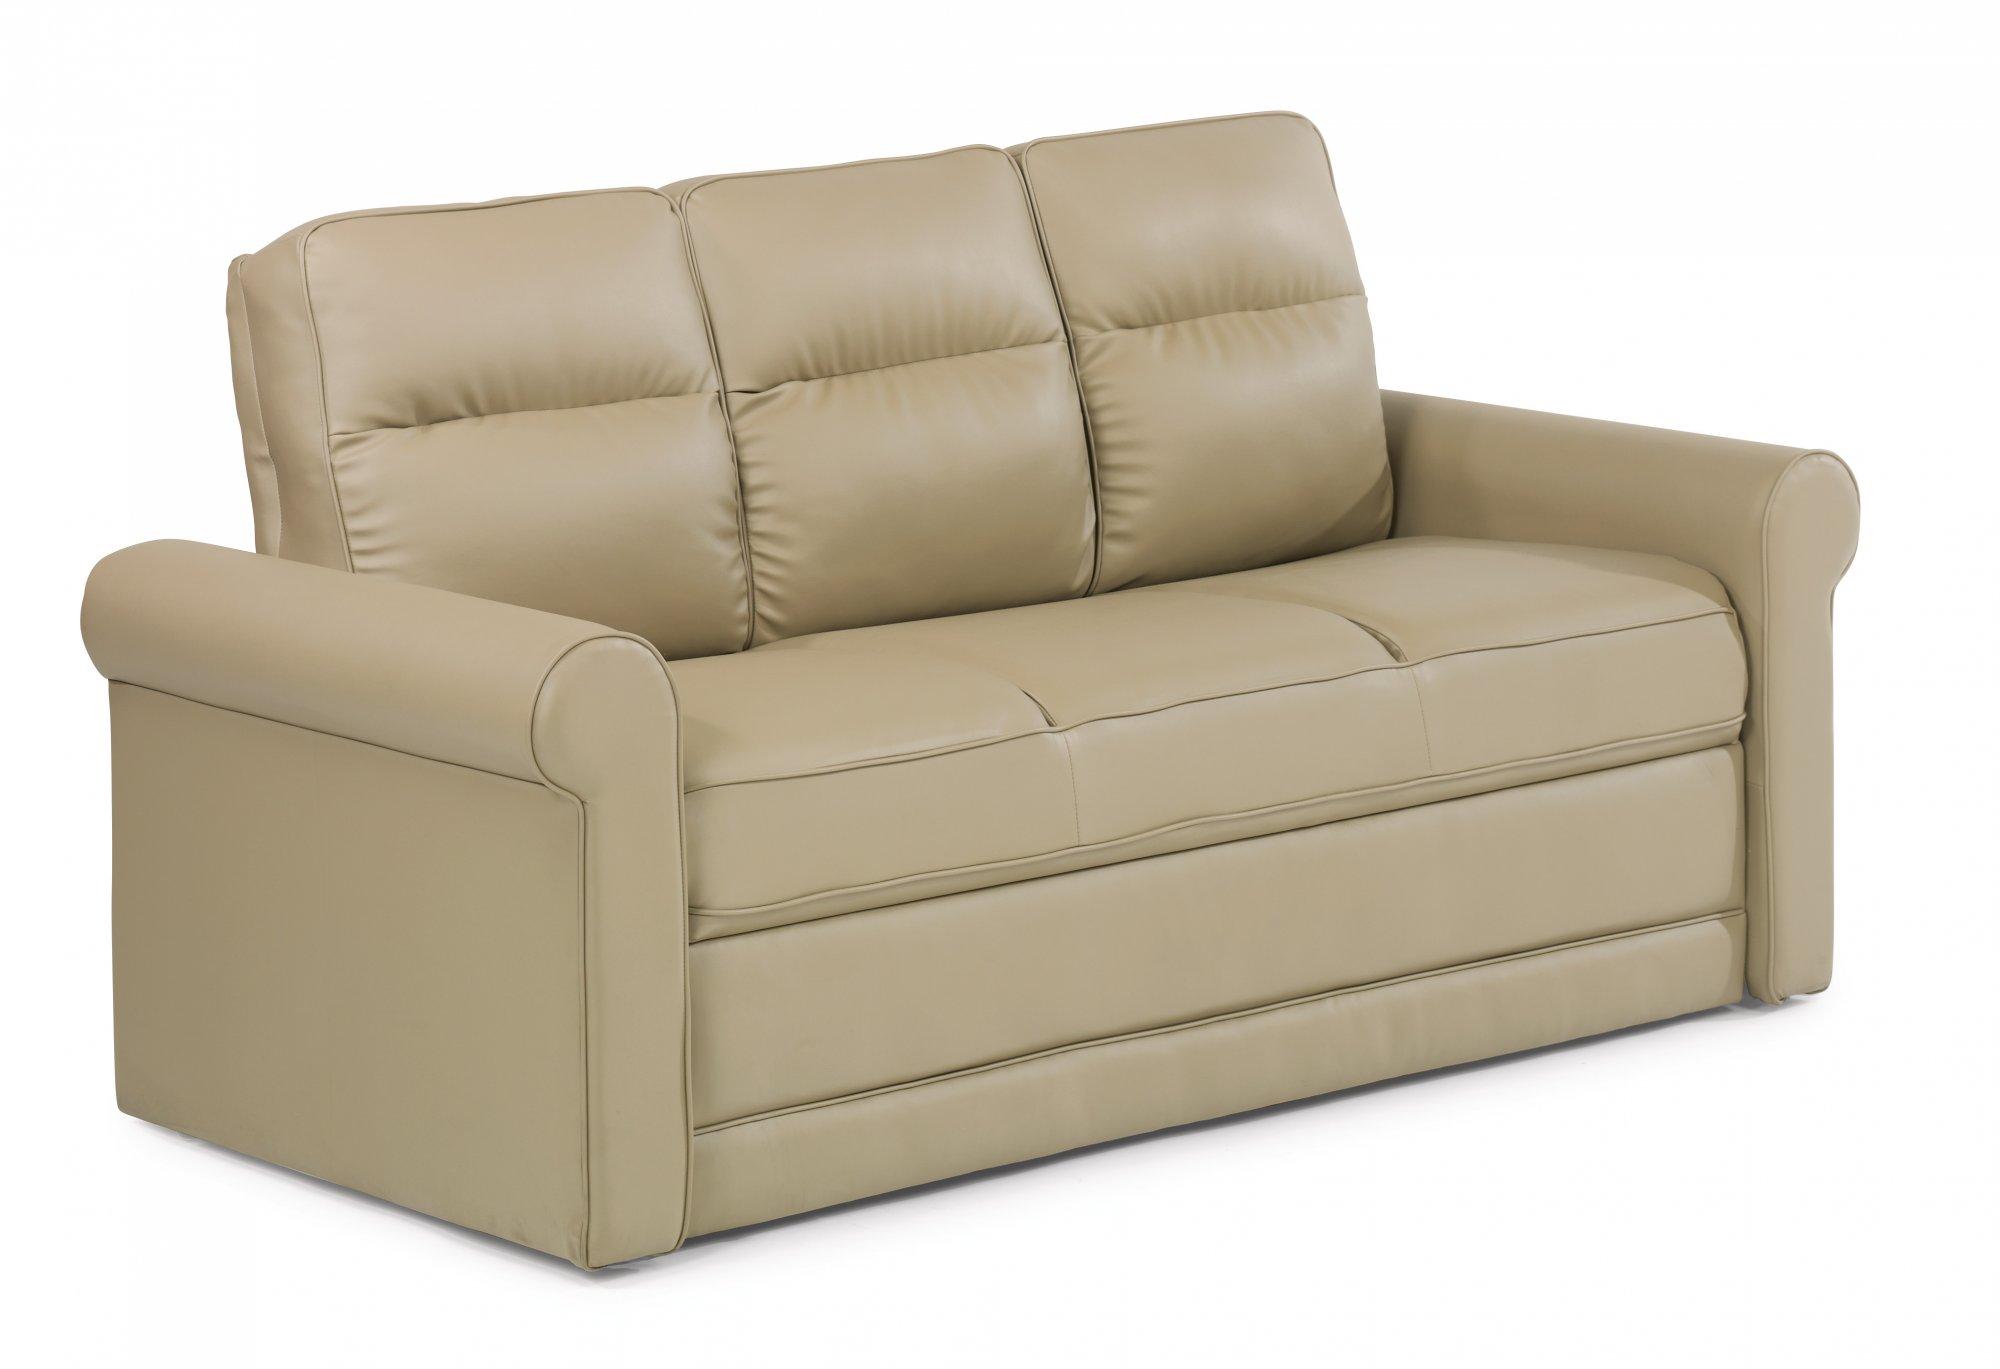 Flexsteel Hemshaw  Fold N Tumble Sleeper Air Bed Sleeper